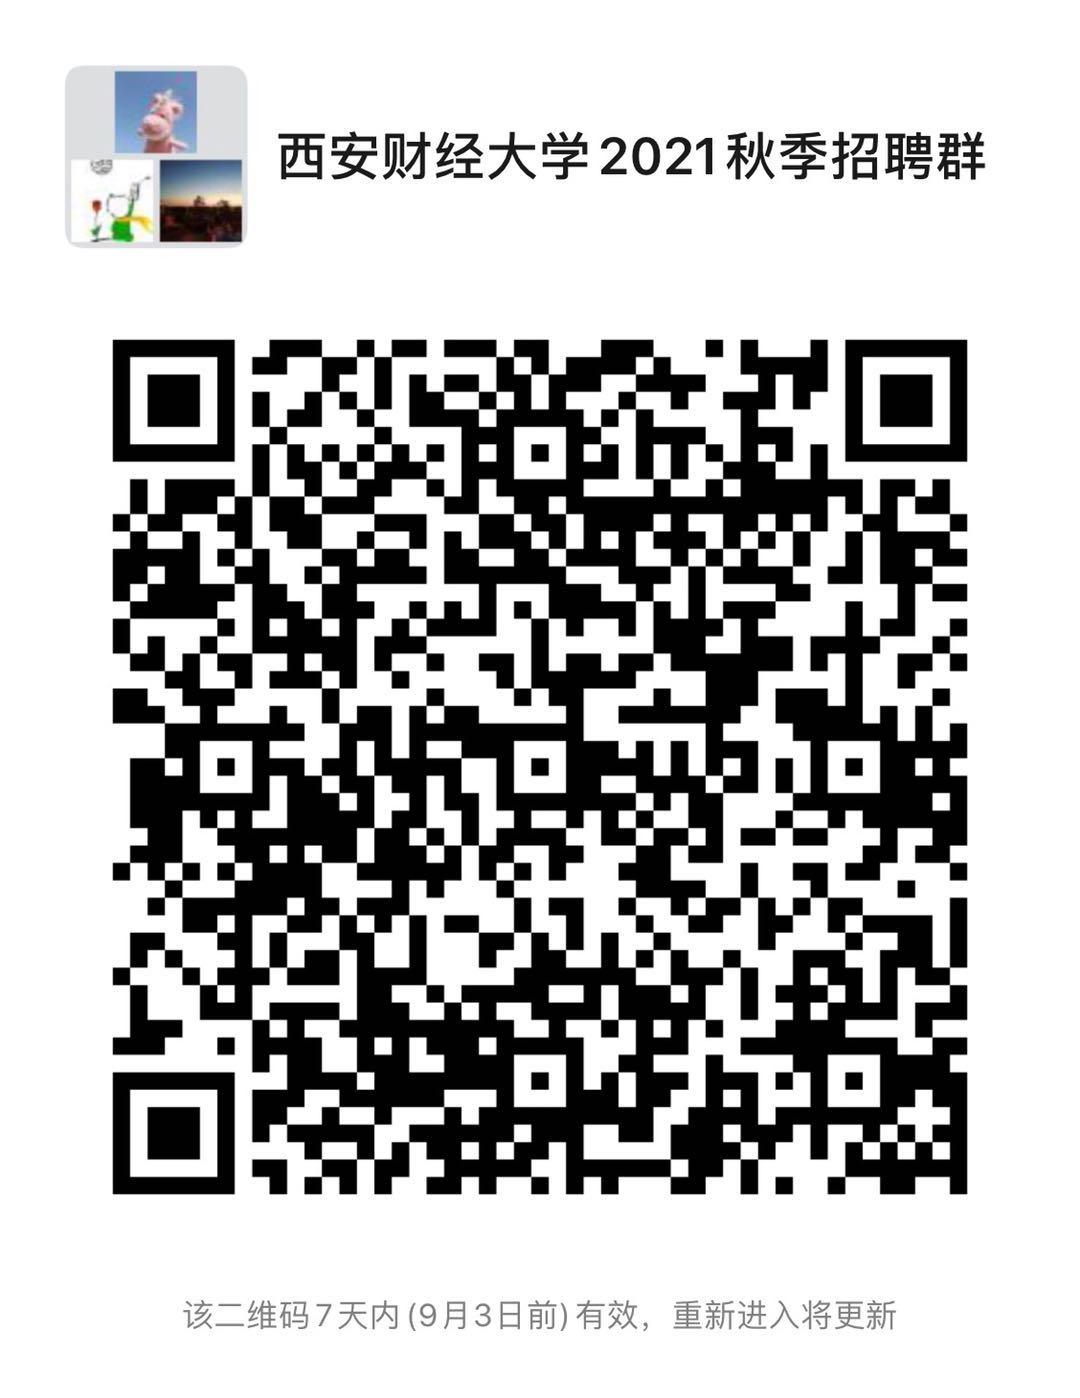 ff05afc7034b8ac89a89472e5f4cfac.jpg